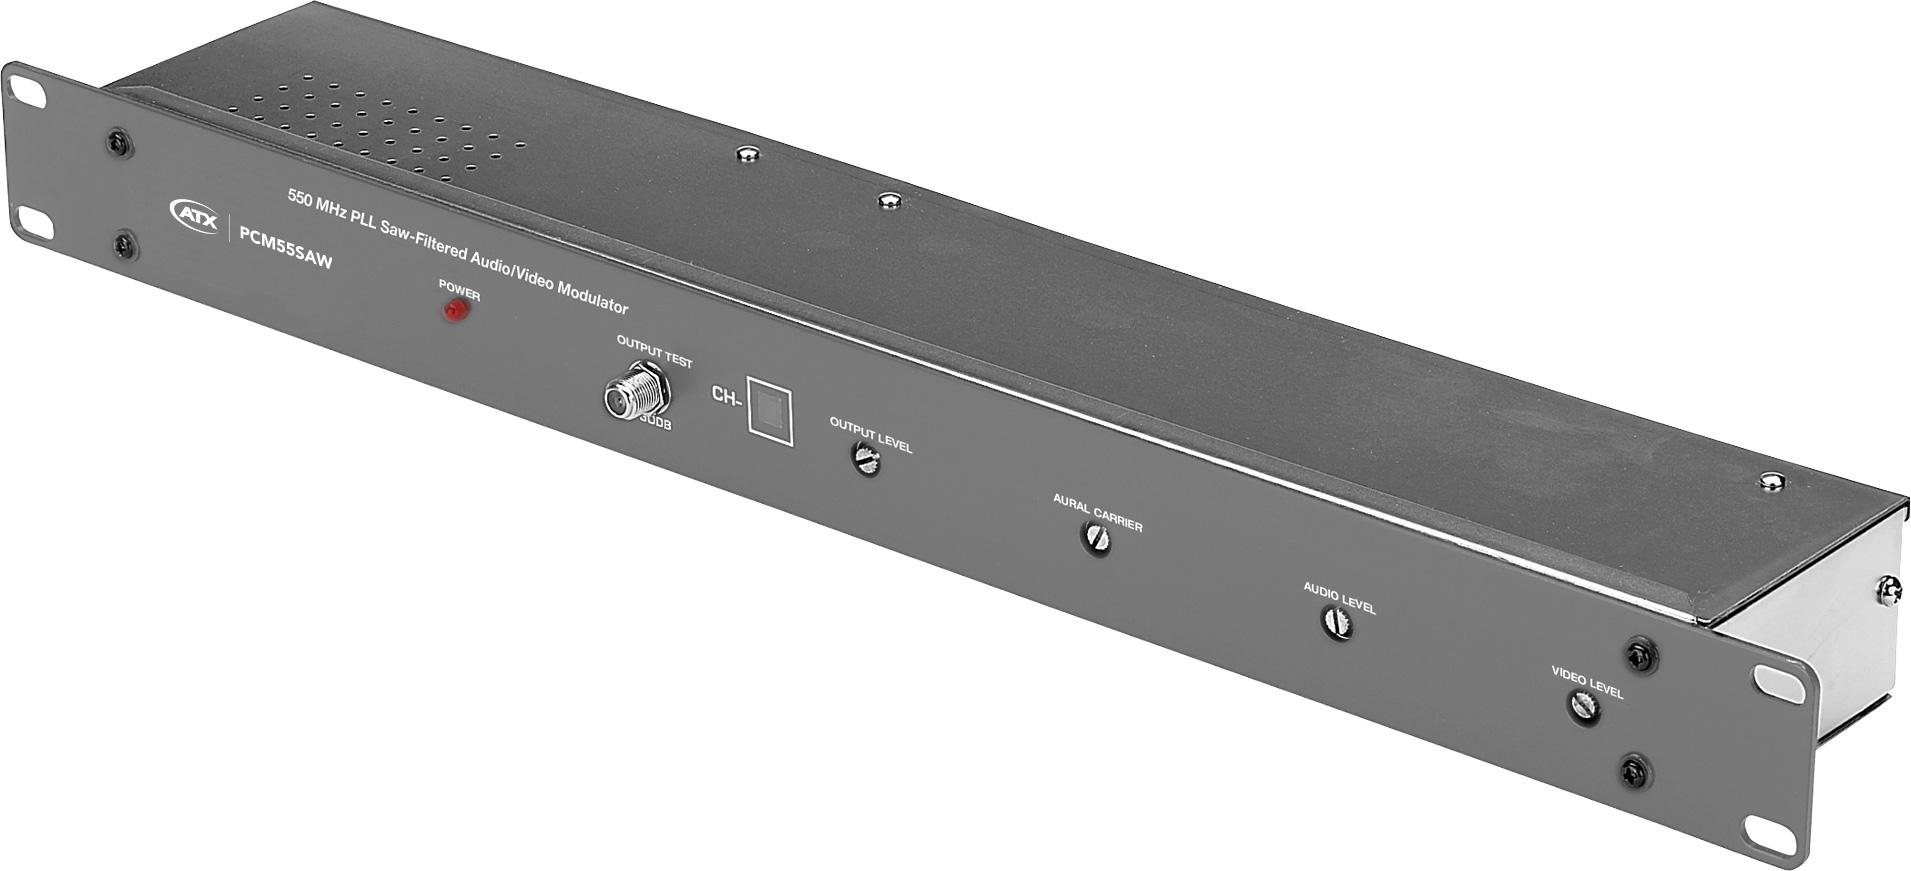 1 Channel Crystal A/V Modulator - Channel B PM-PCM55SAW-B